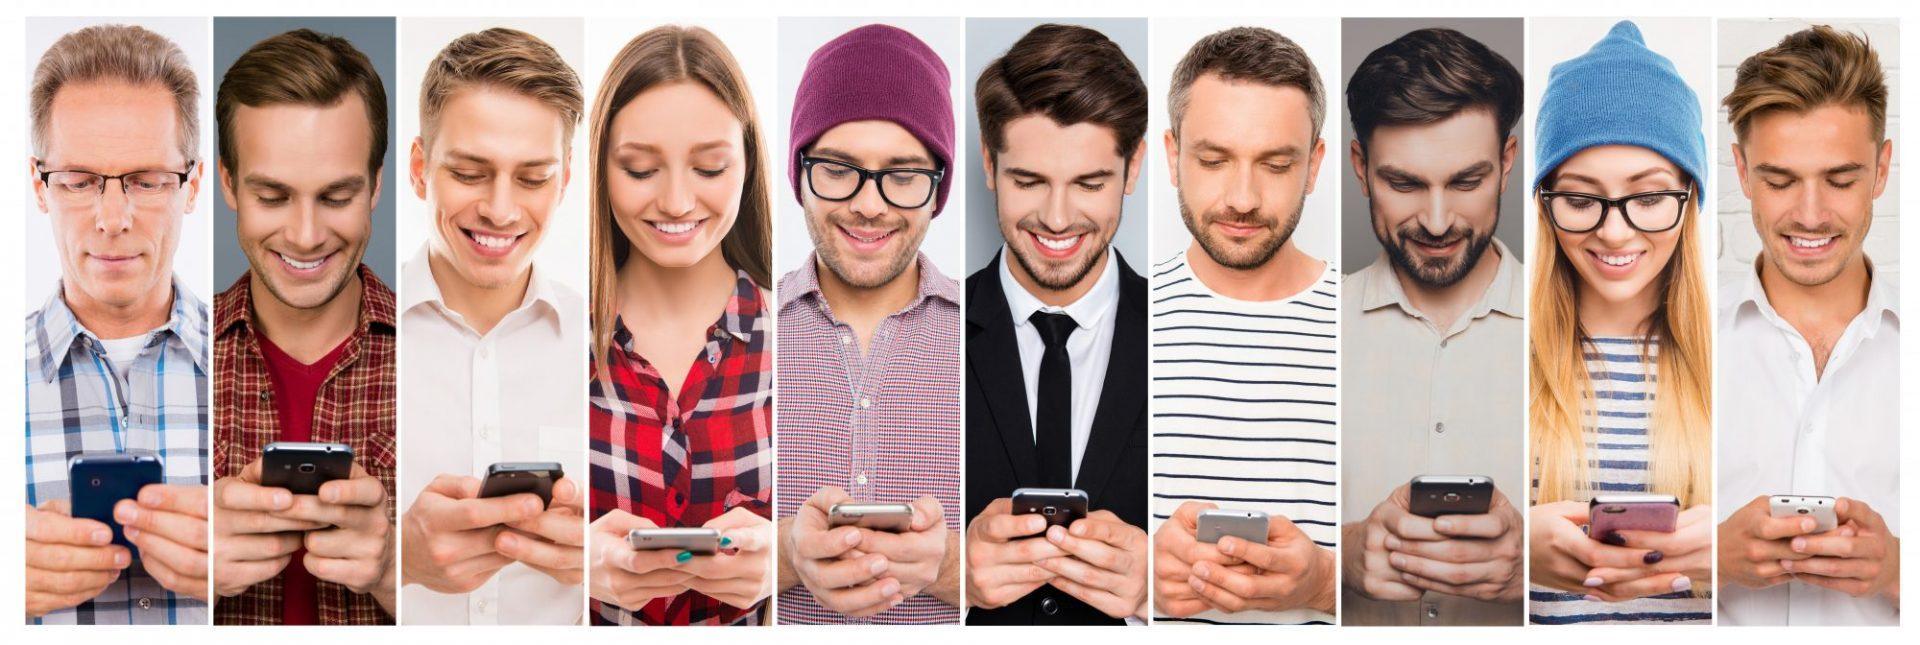 Interne Kundenbefragung Verschiedene Personen mit mobilen Endgeraet